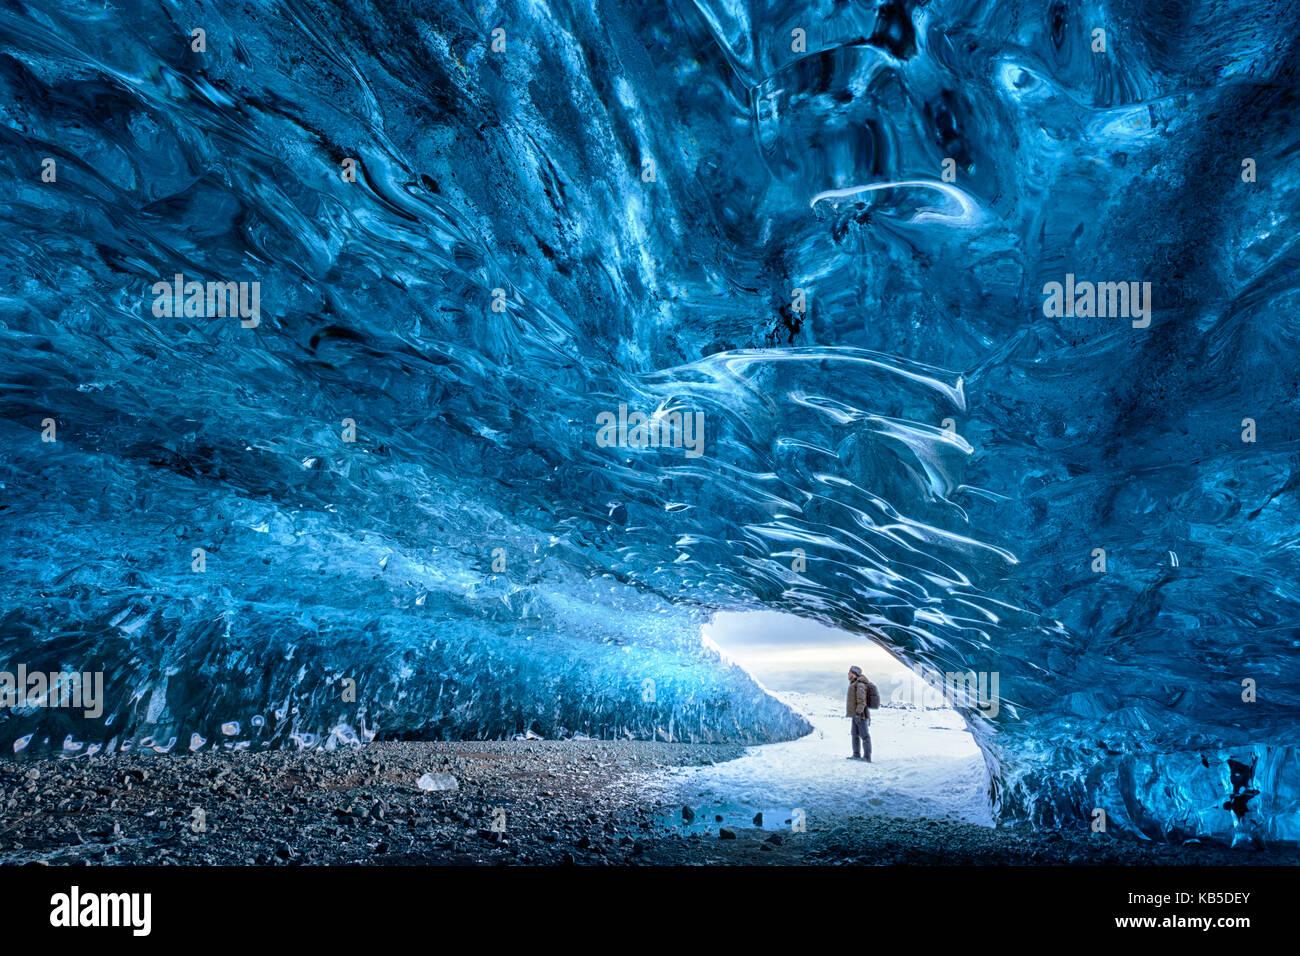 Ansicht von innen Eis Höhle unter dem Vatnajökull Gletscher mit Person für Skala, in der Nähe der Lagune Jokulsarlon, Stockfoto